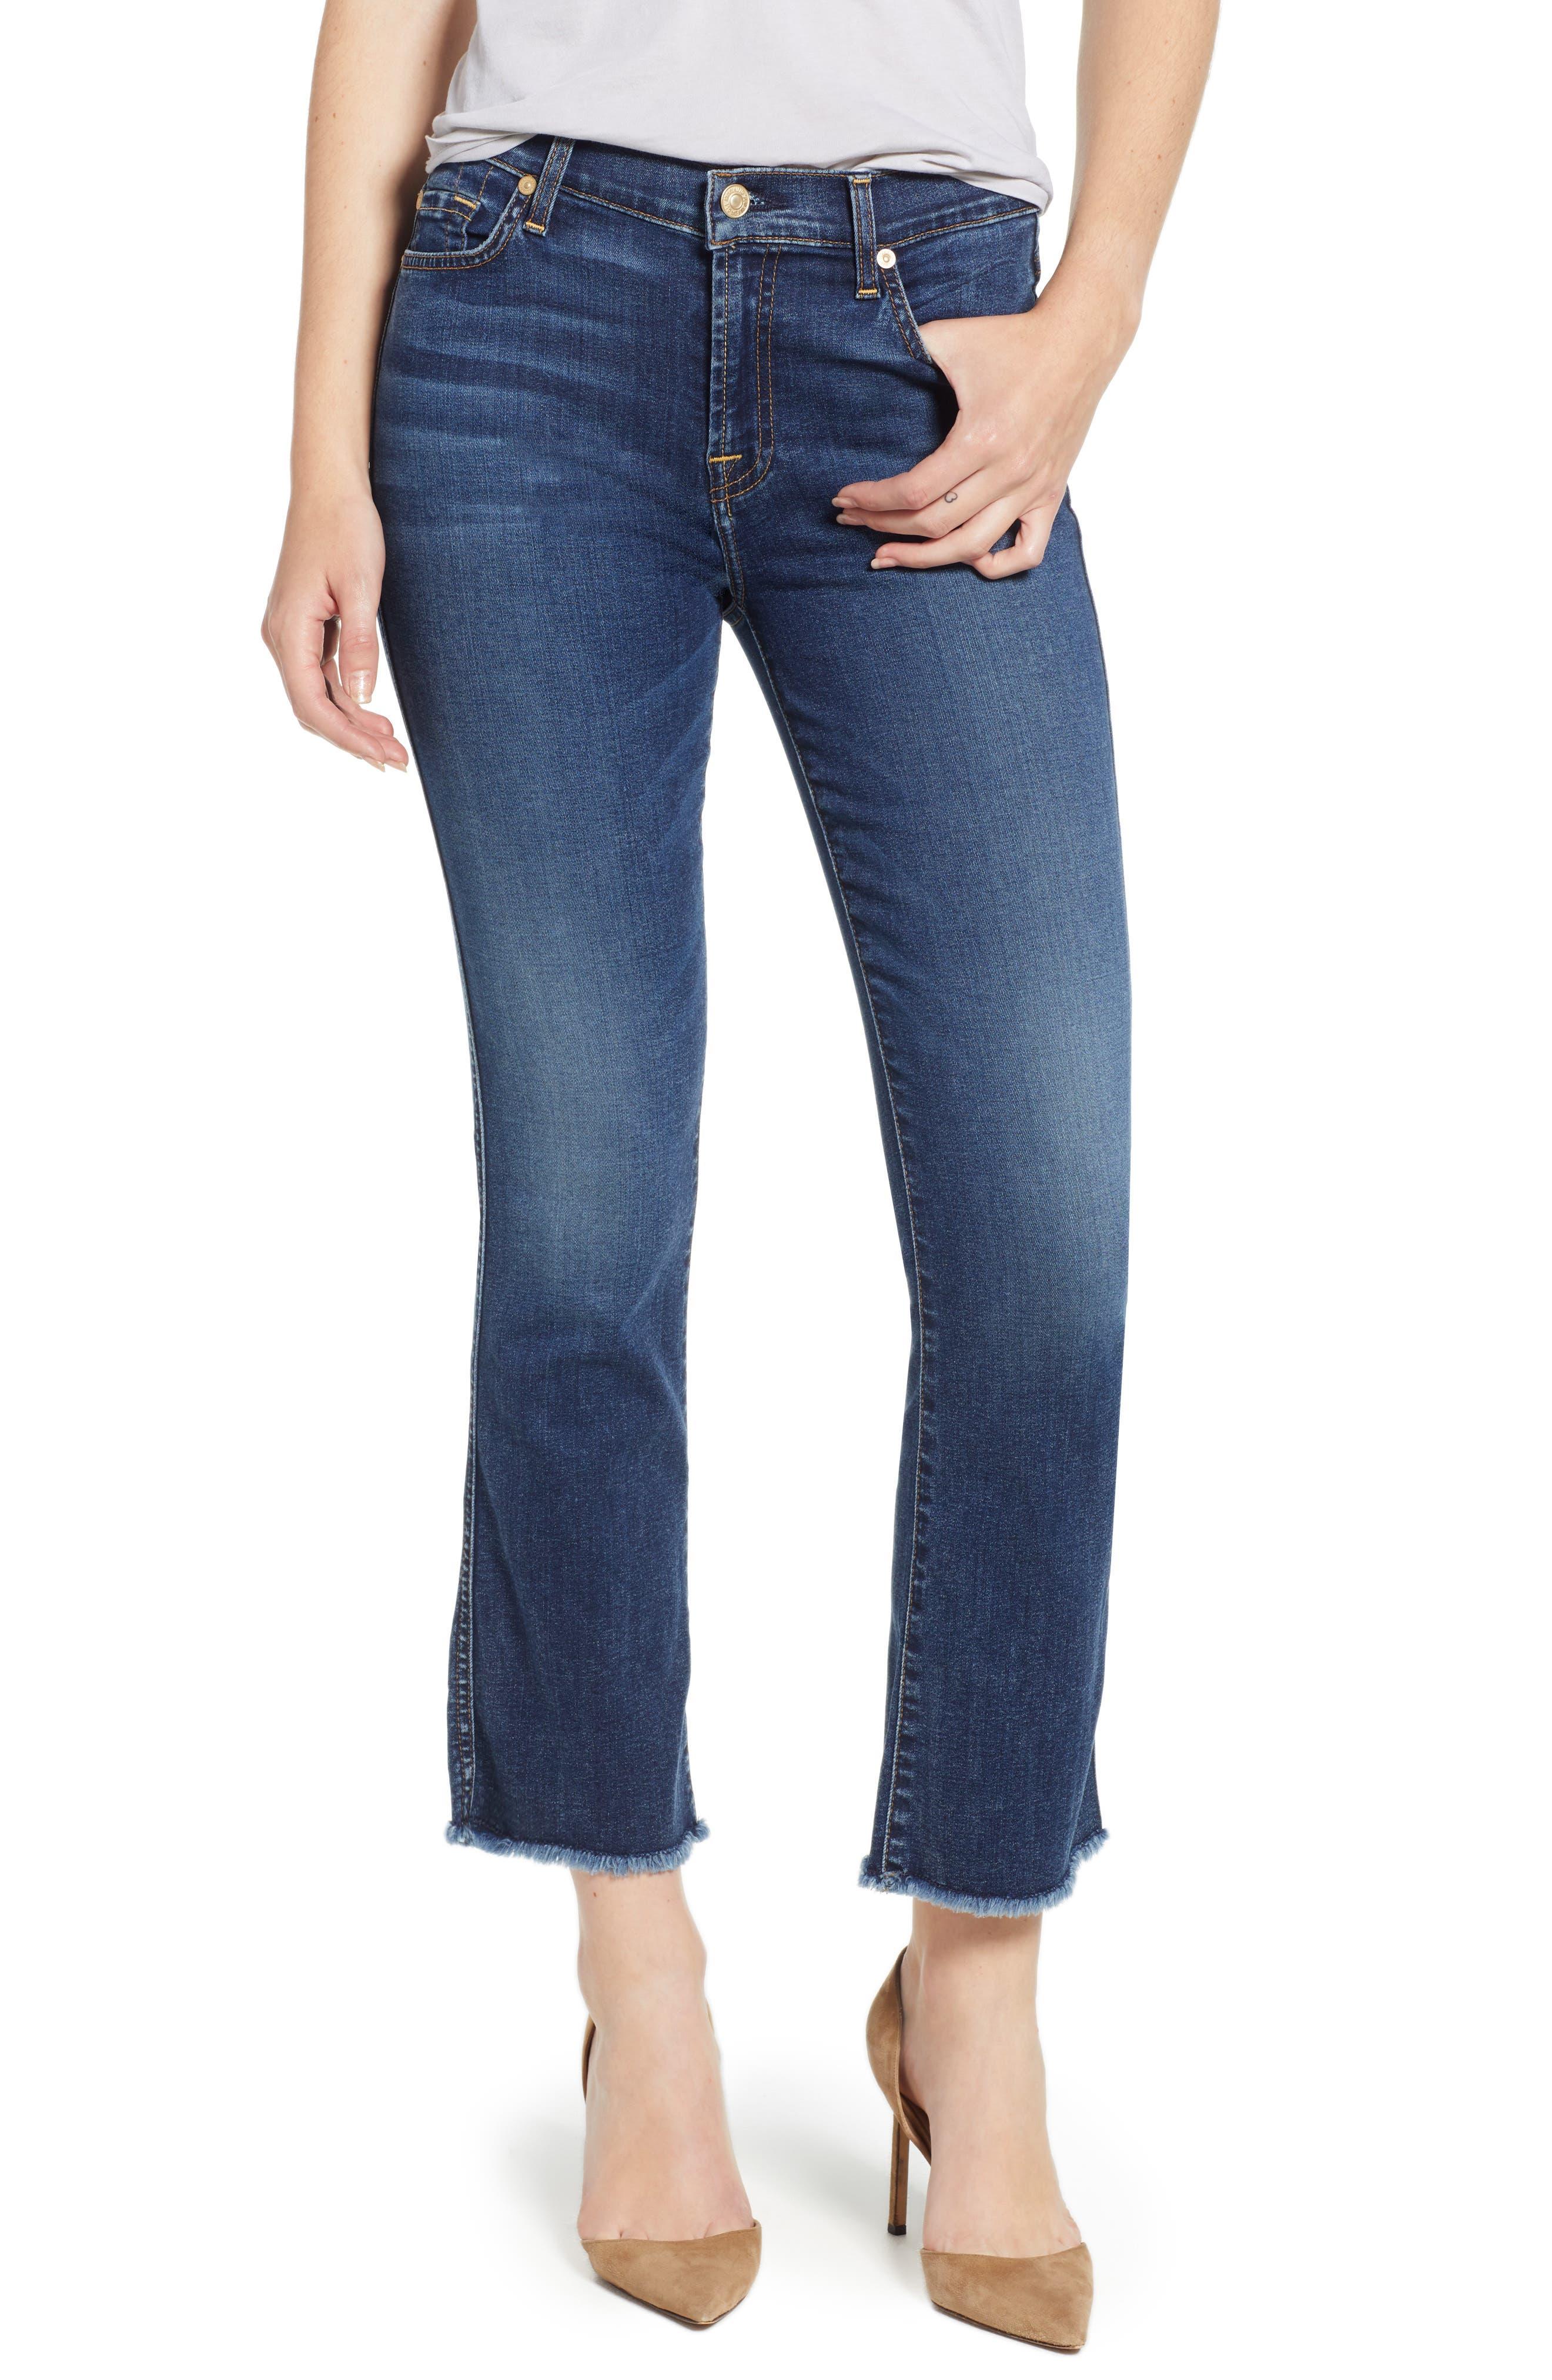 b(air) Crop Bootcut Jeans,                             Main thumbnail 1, color,                             B Air Echo